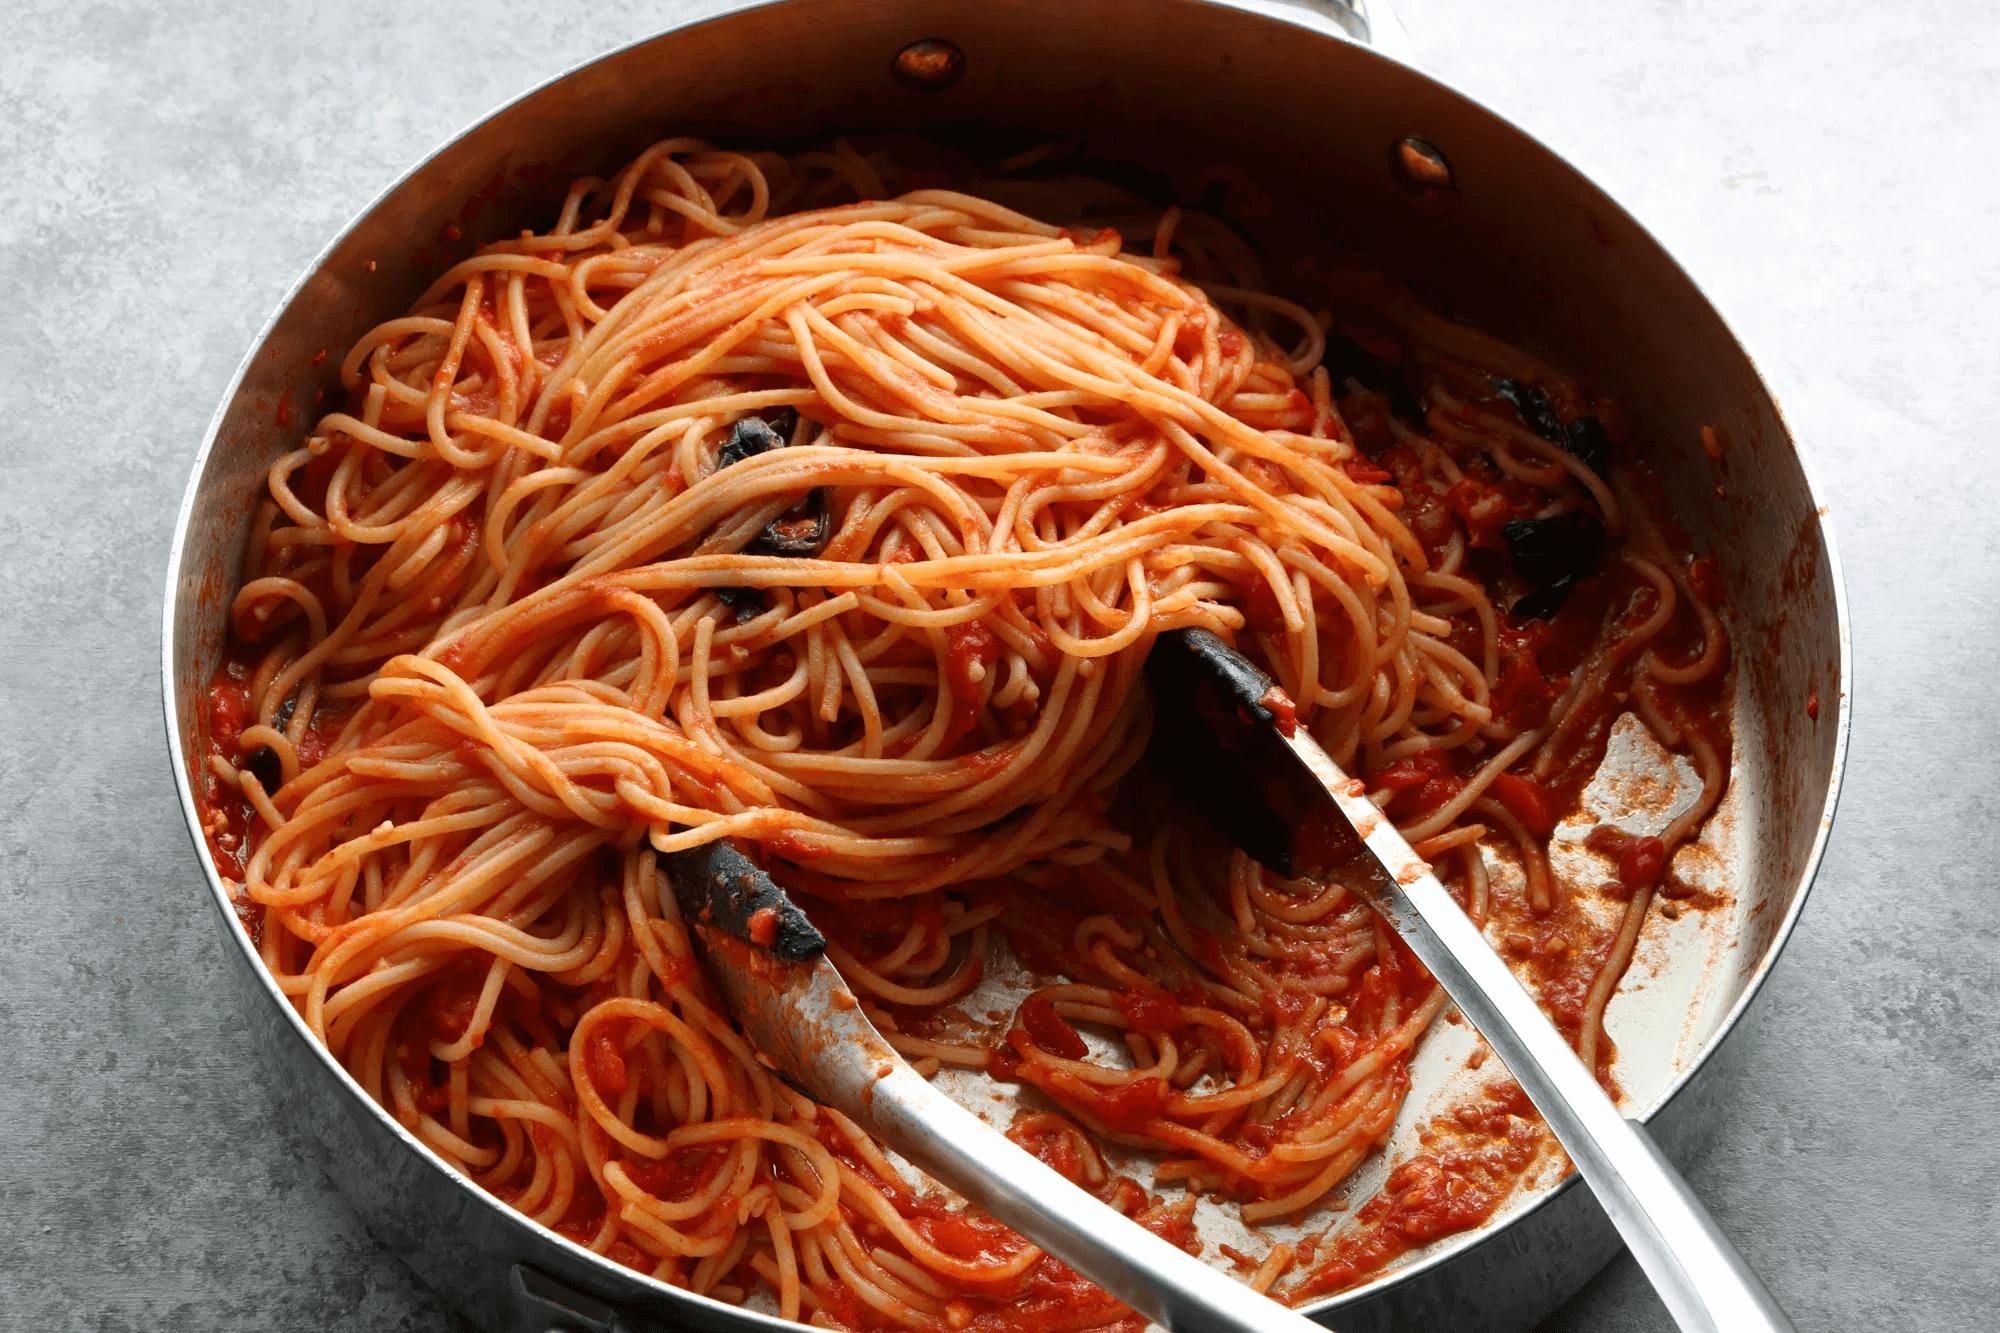 Spaghetti in vancouver